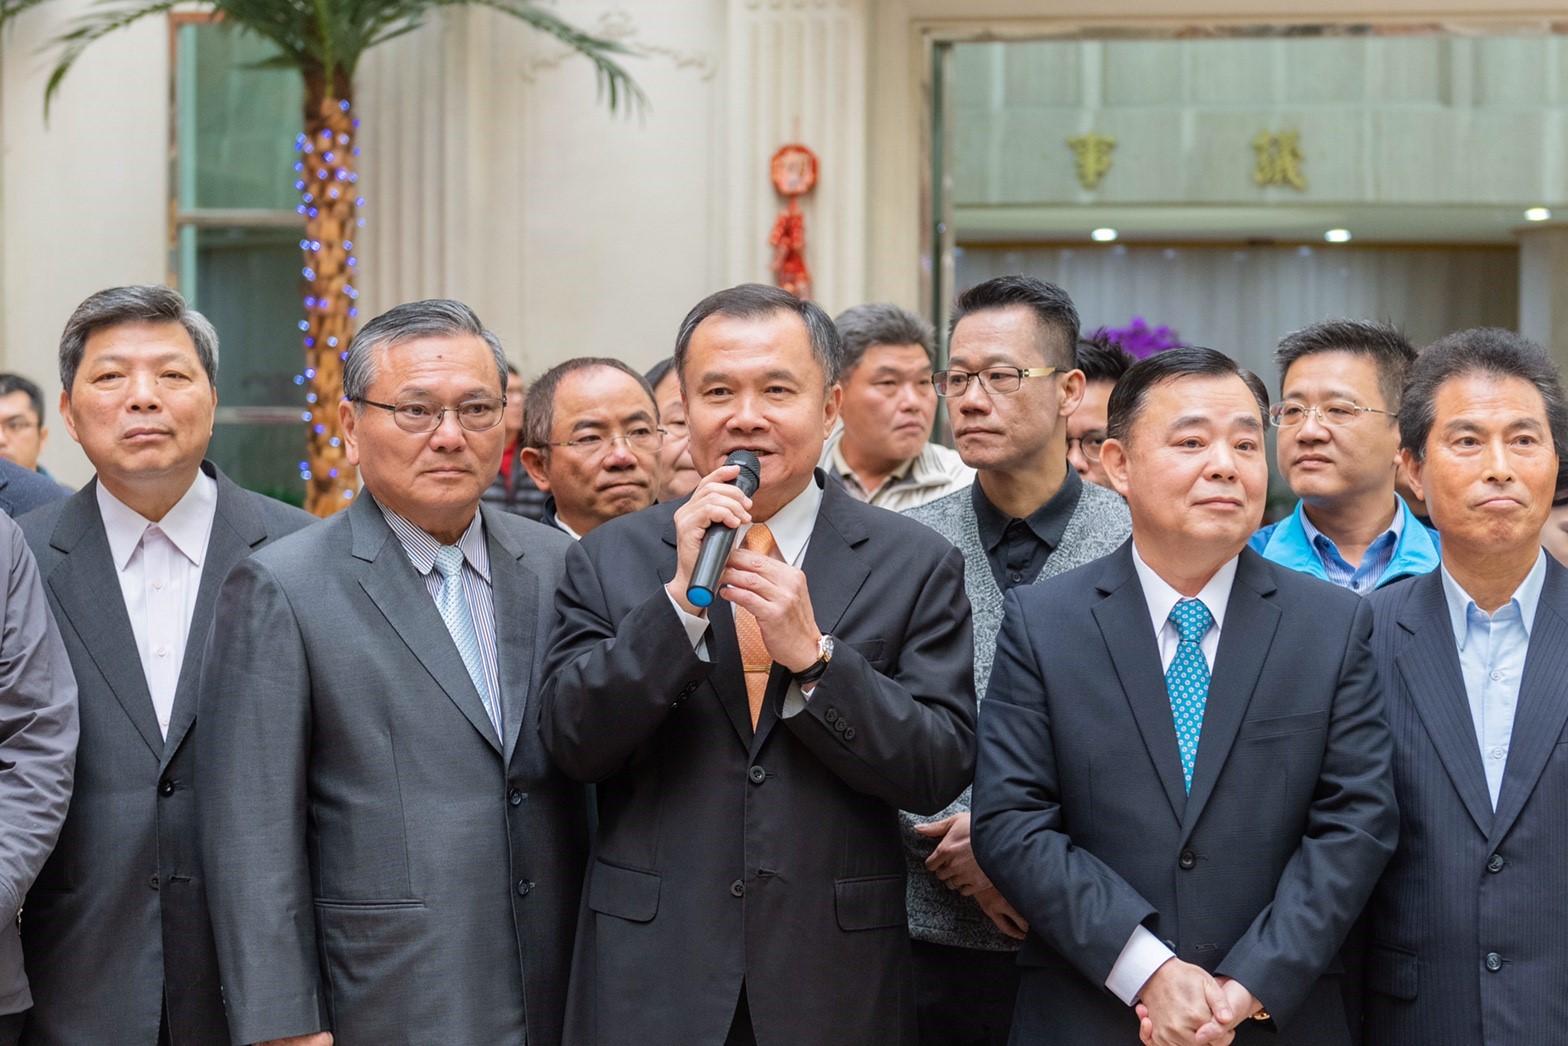 桃園市議會副議長李曉鐘致詞